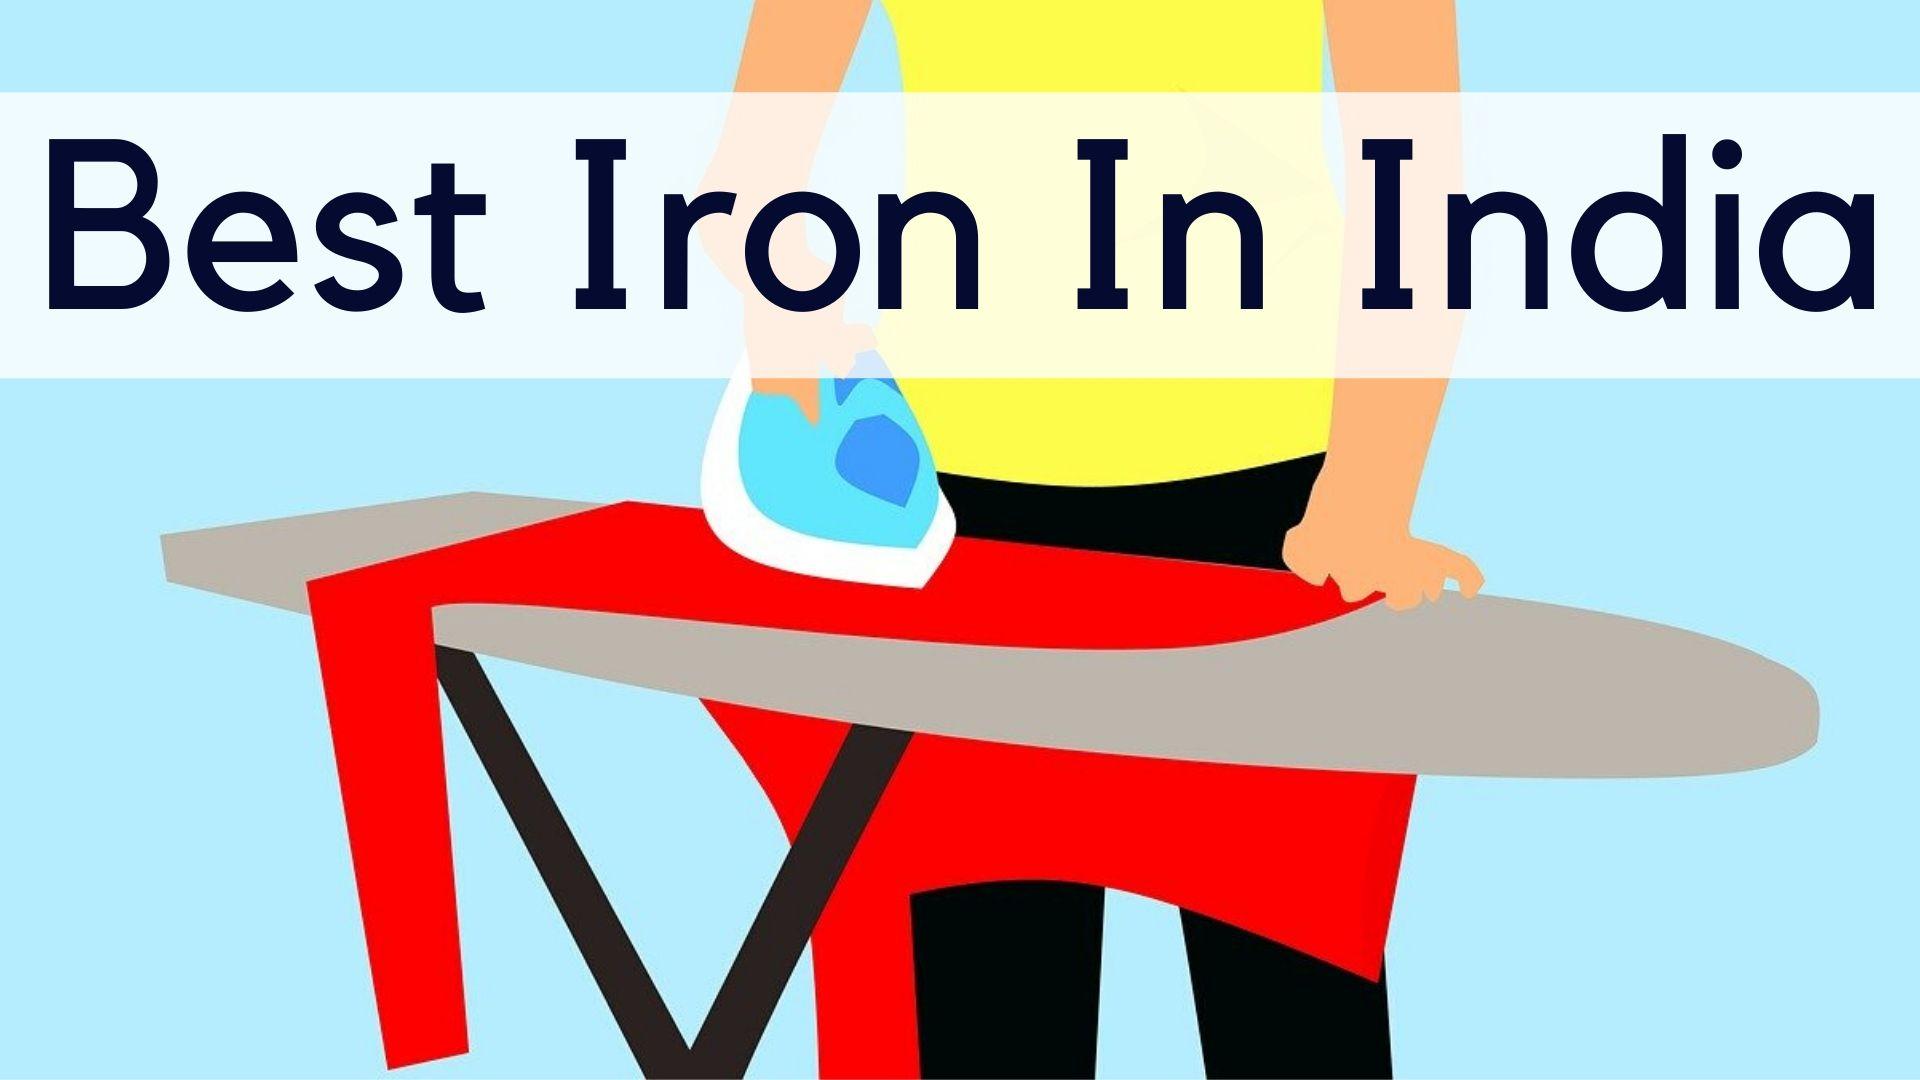 Best Iron In India